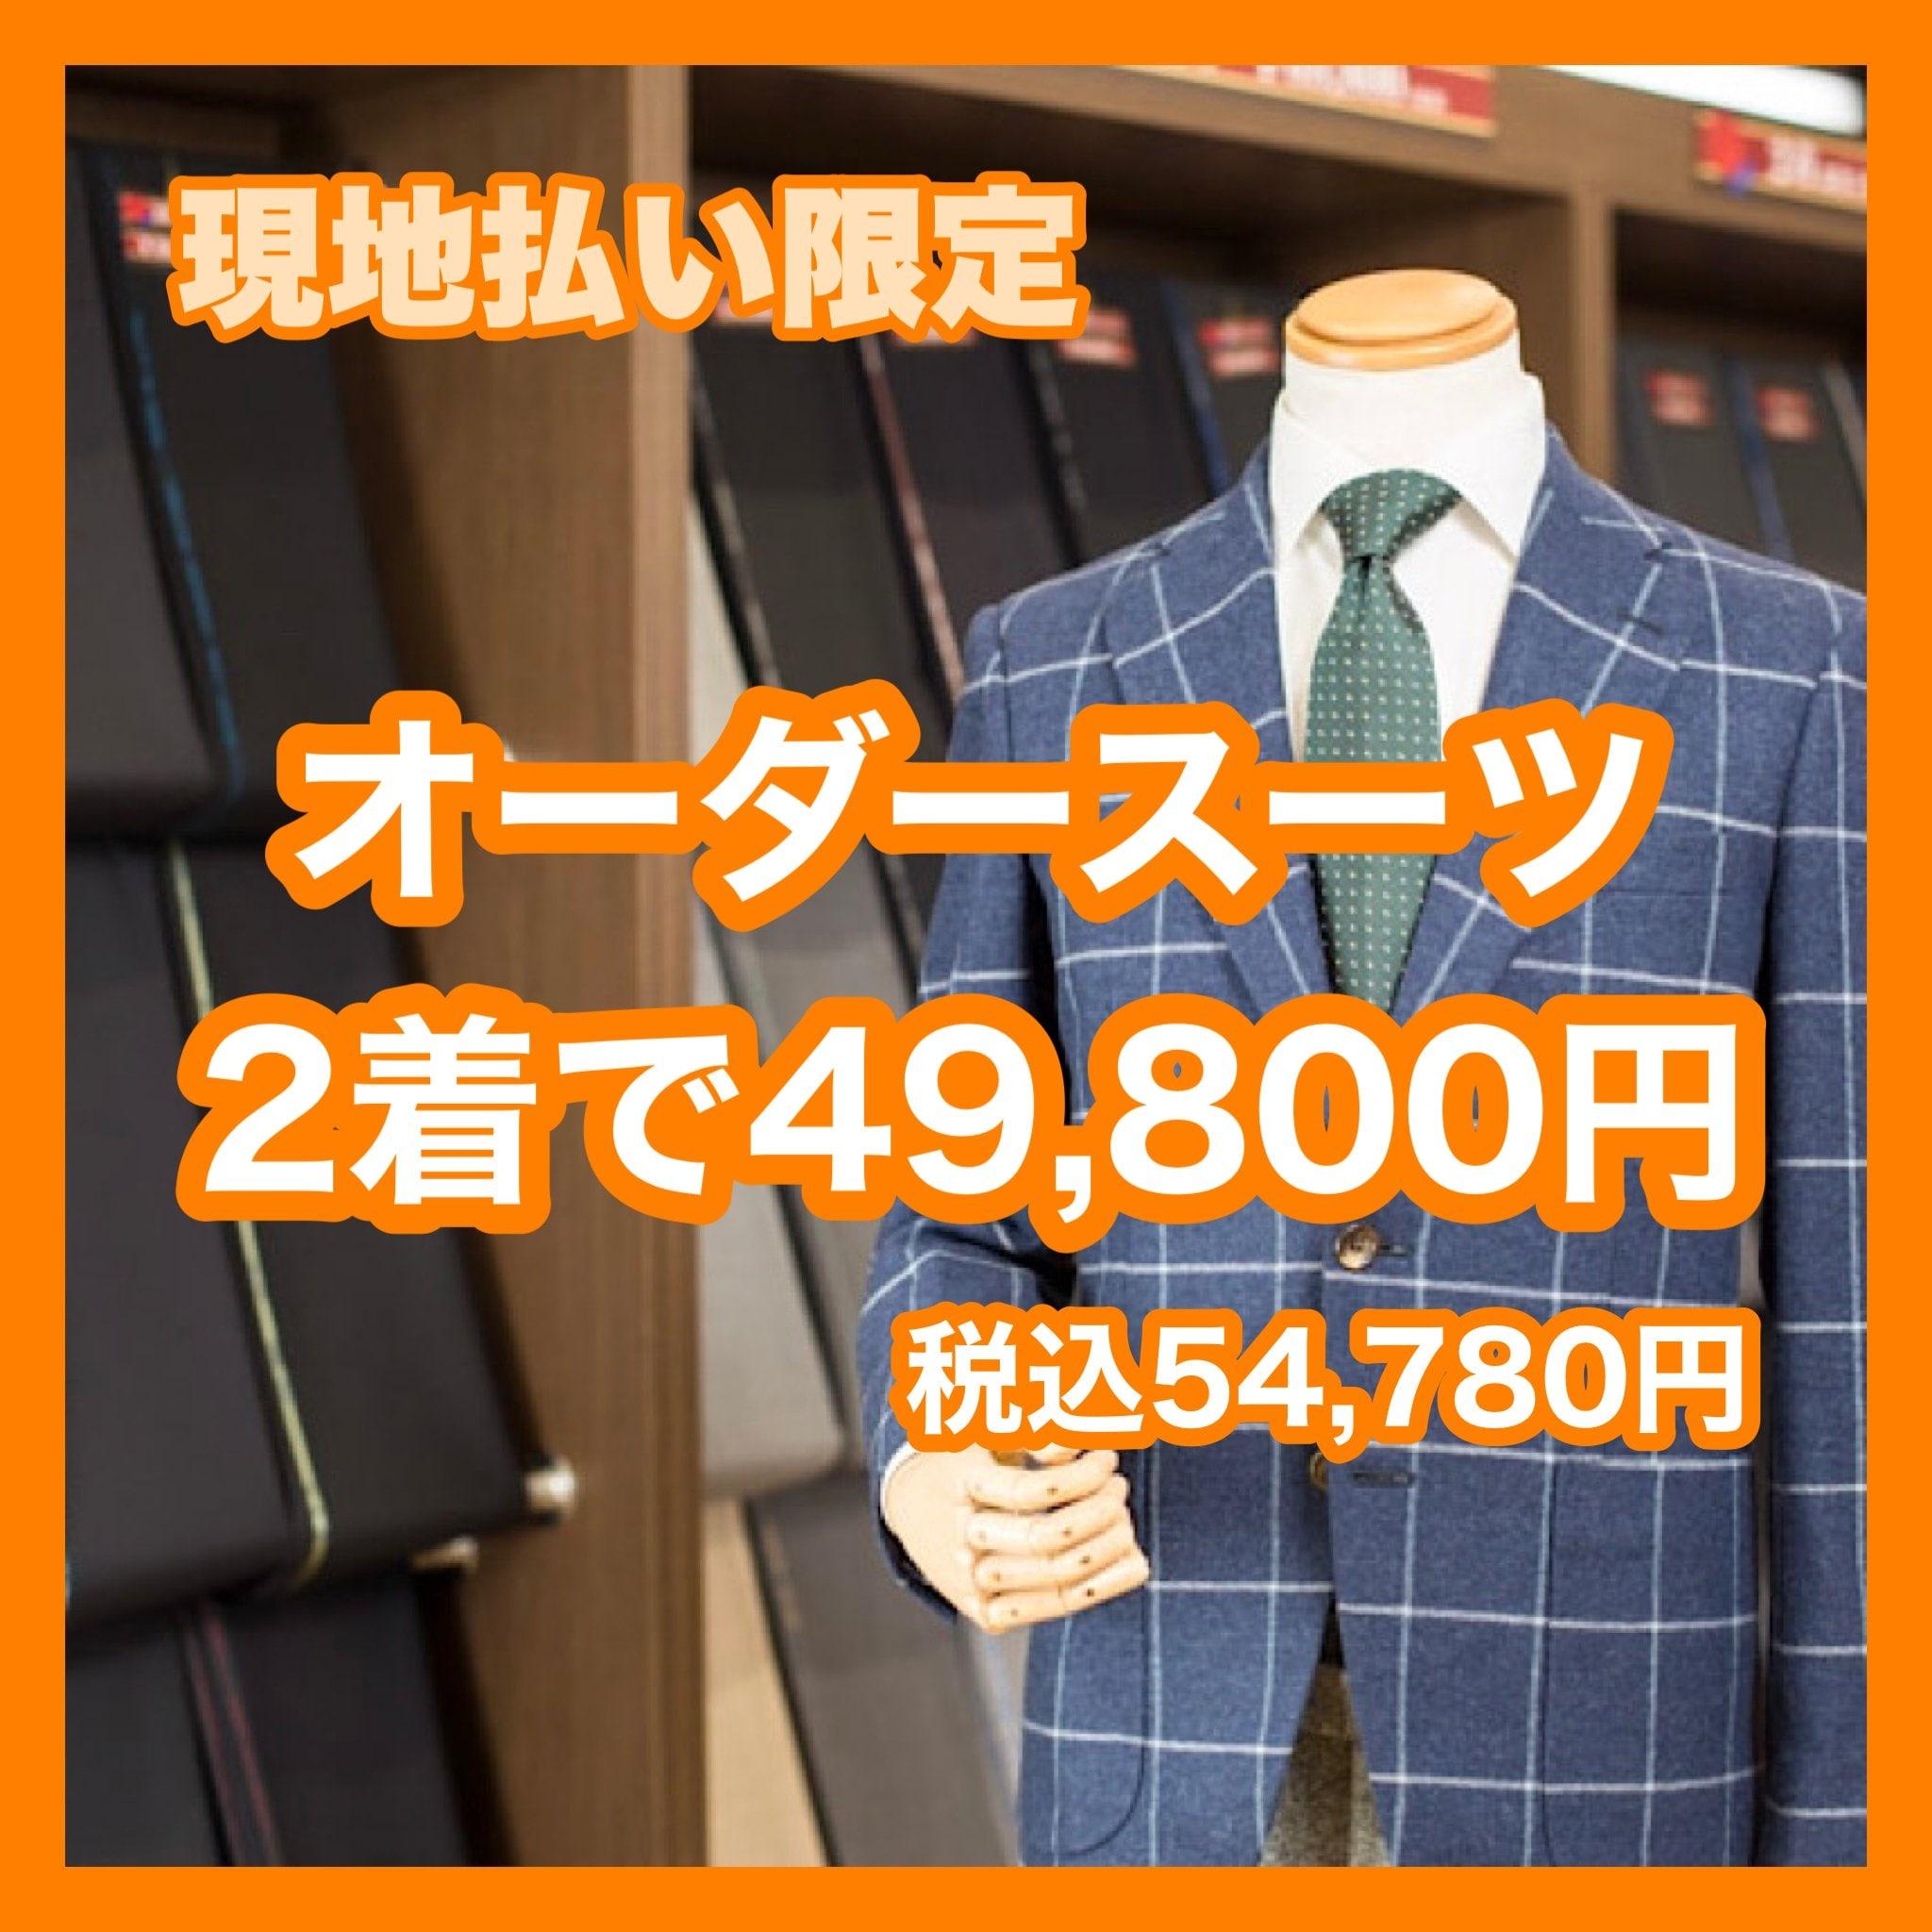 現地払い限定オーダースーツ2着49,800円(税込54,780円)のイメージその1